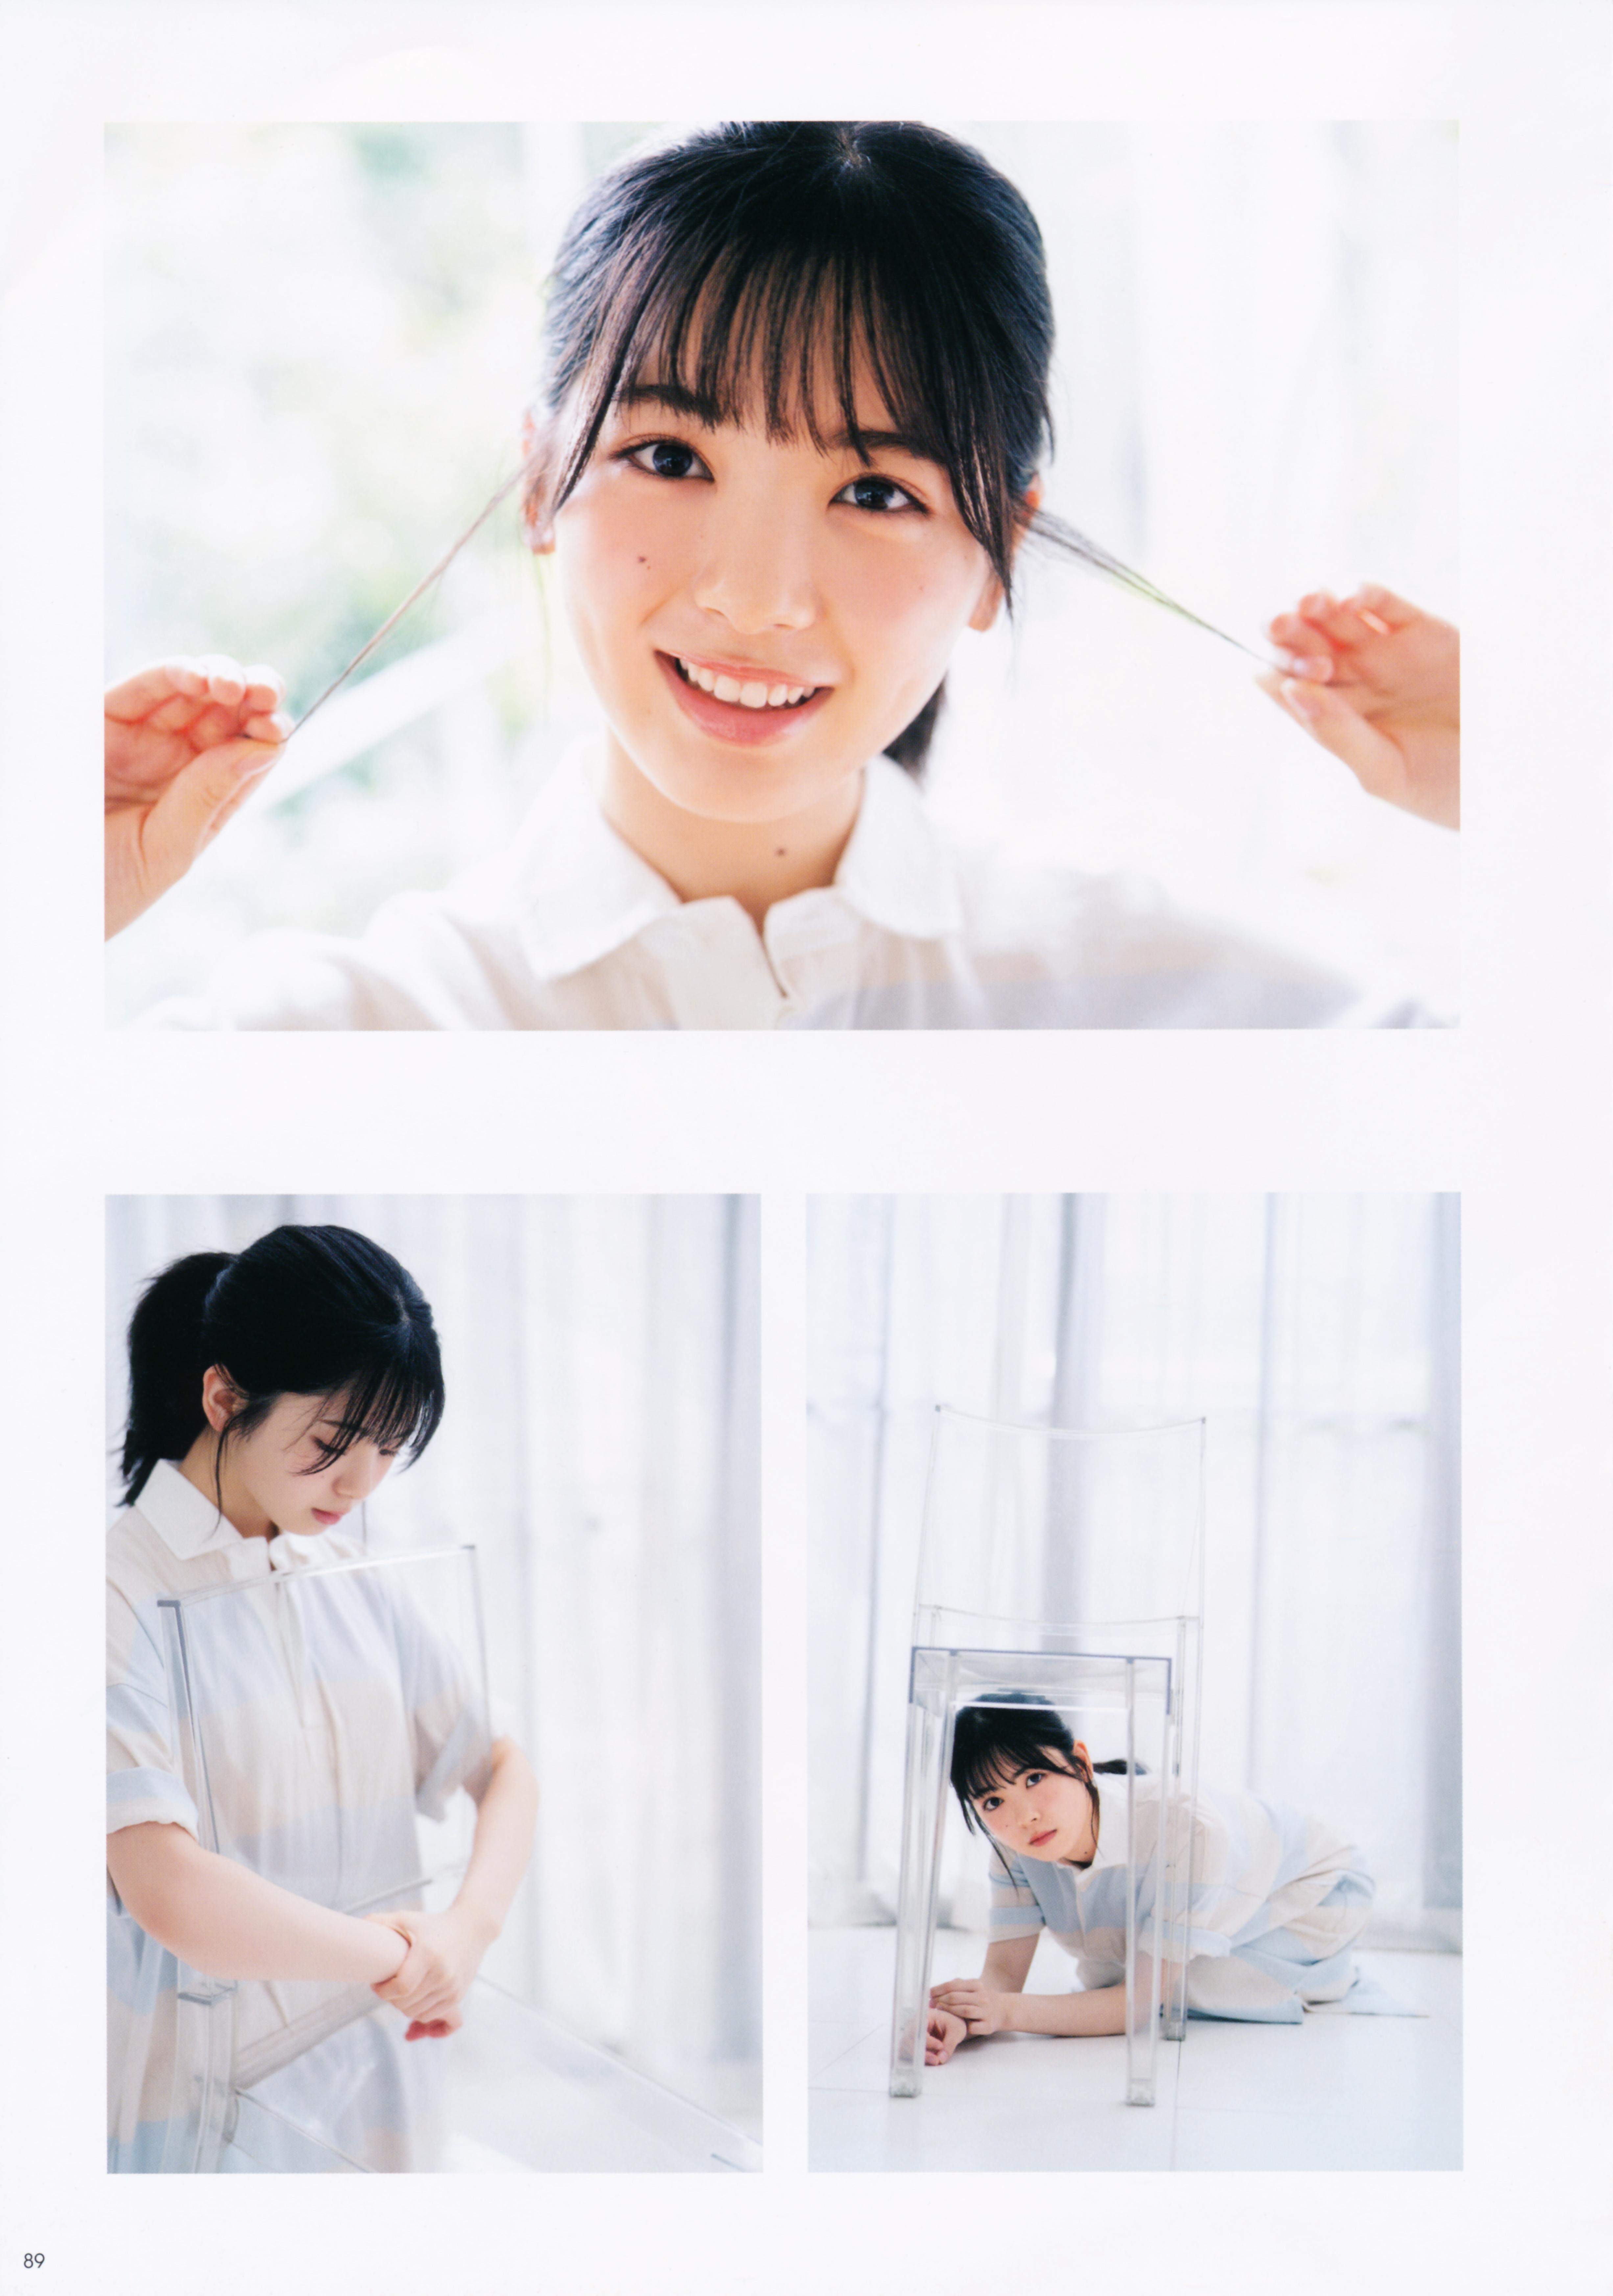 坂道系大合集第22弹